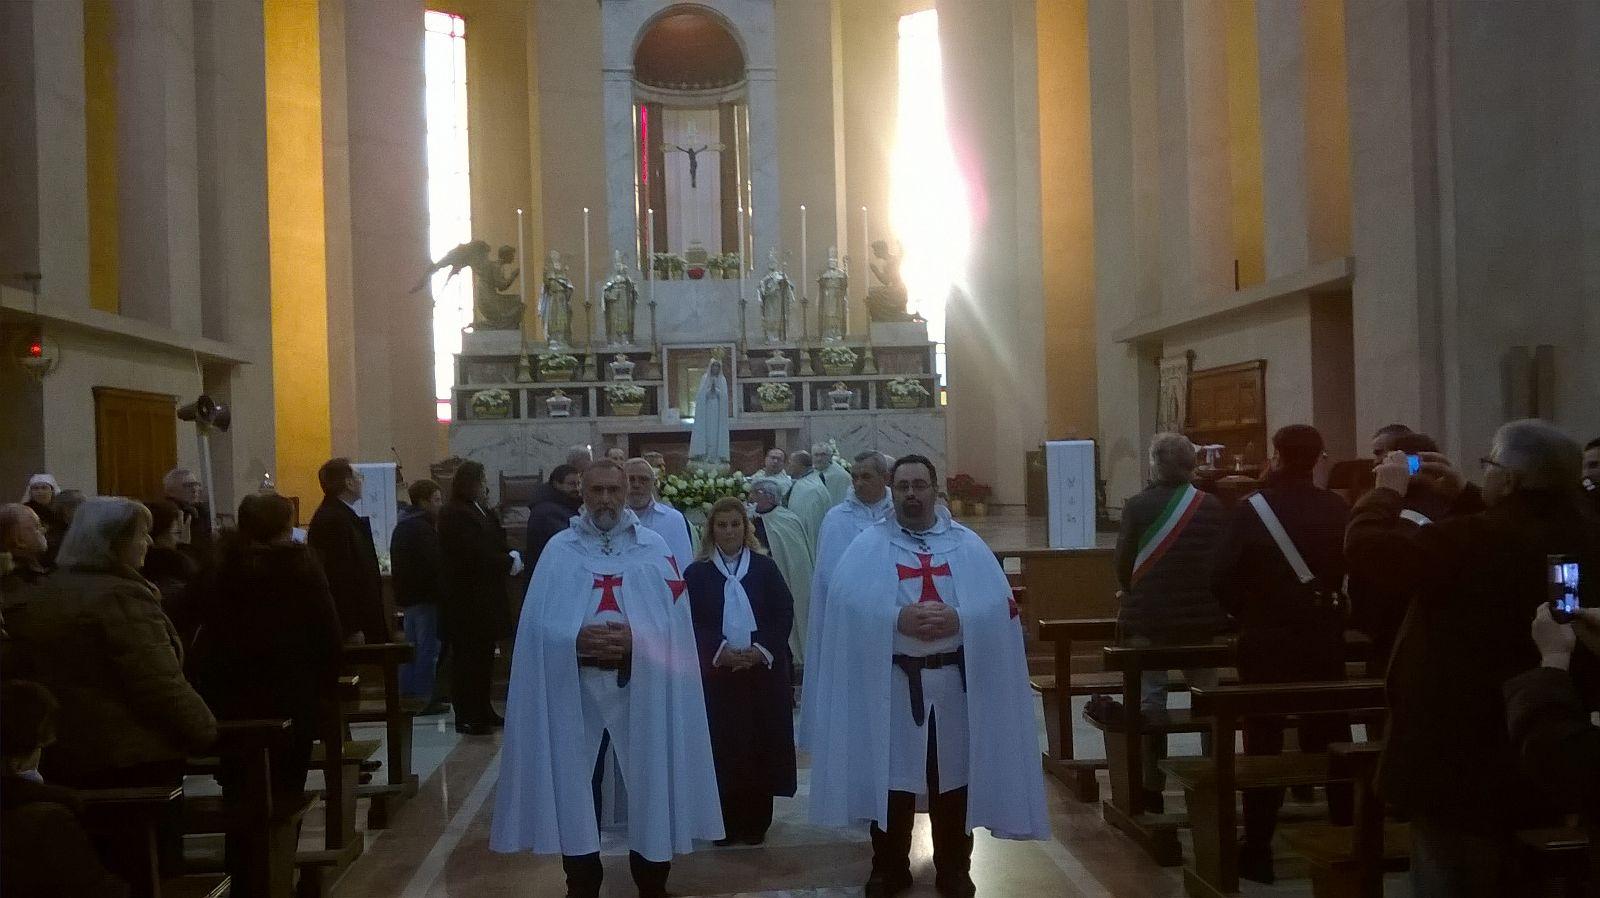 I Templari Cattolici d'Italia congedano la Madonna Pellegrina di Fatima a Meda.